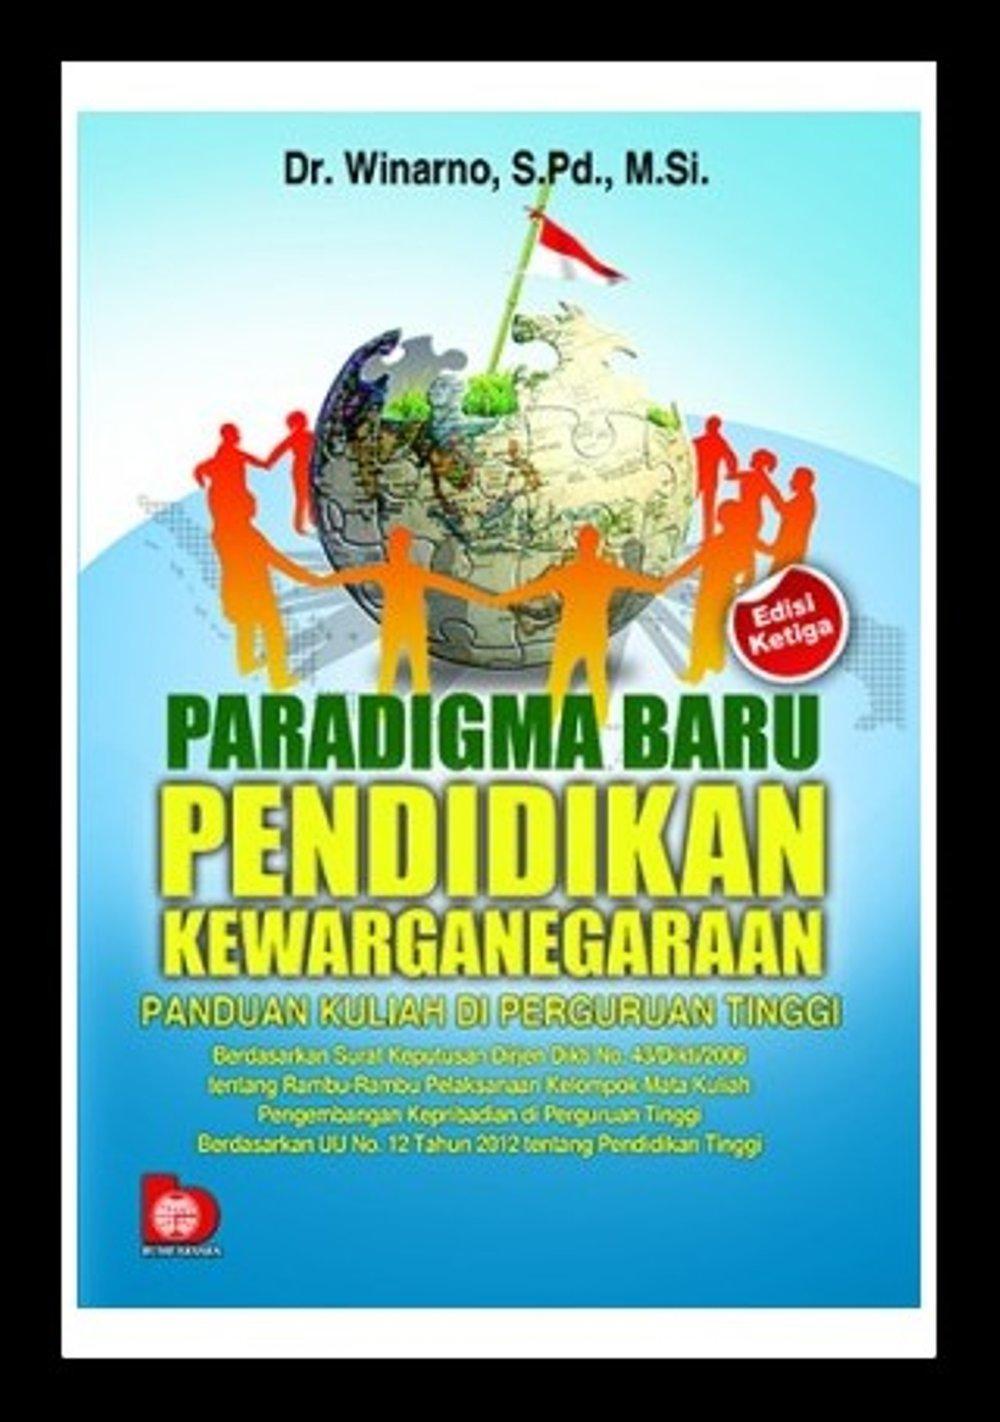 Buku Paradigma Baru Pendidikan Kewarganegaraan: Panduan Kuliah Di Perguruan Tinggi (Edisi Ketiga) -  Dr. Winarno, Surabaya. Pd., M. Si.